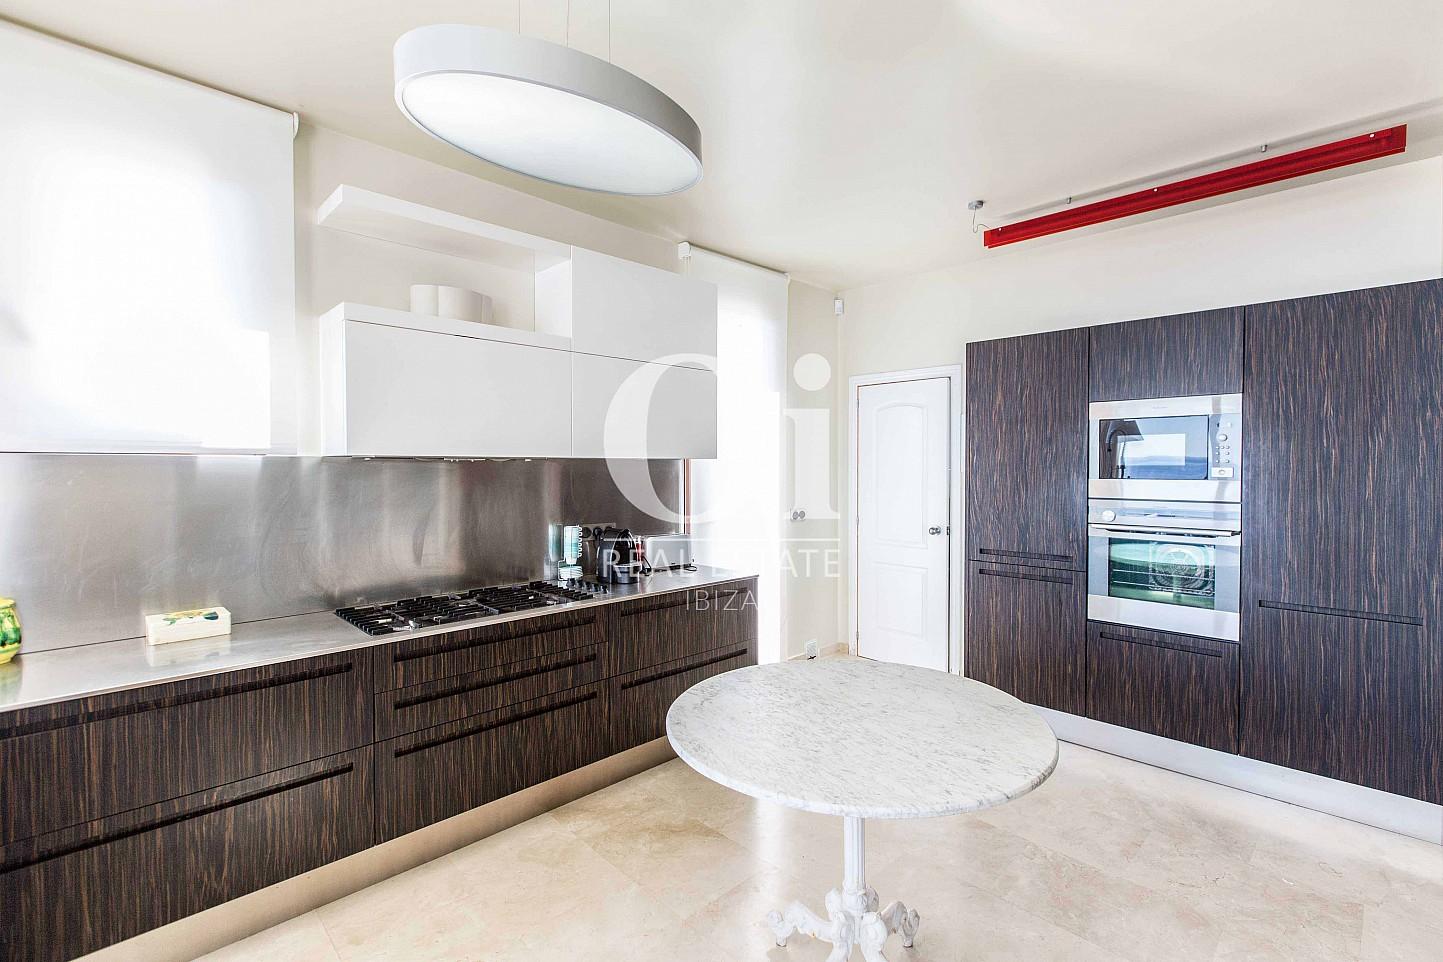 Cocina  de casa de alquiler de estancia en Roca Llisa, Ibiza